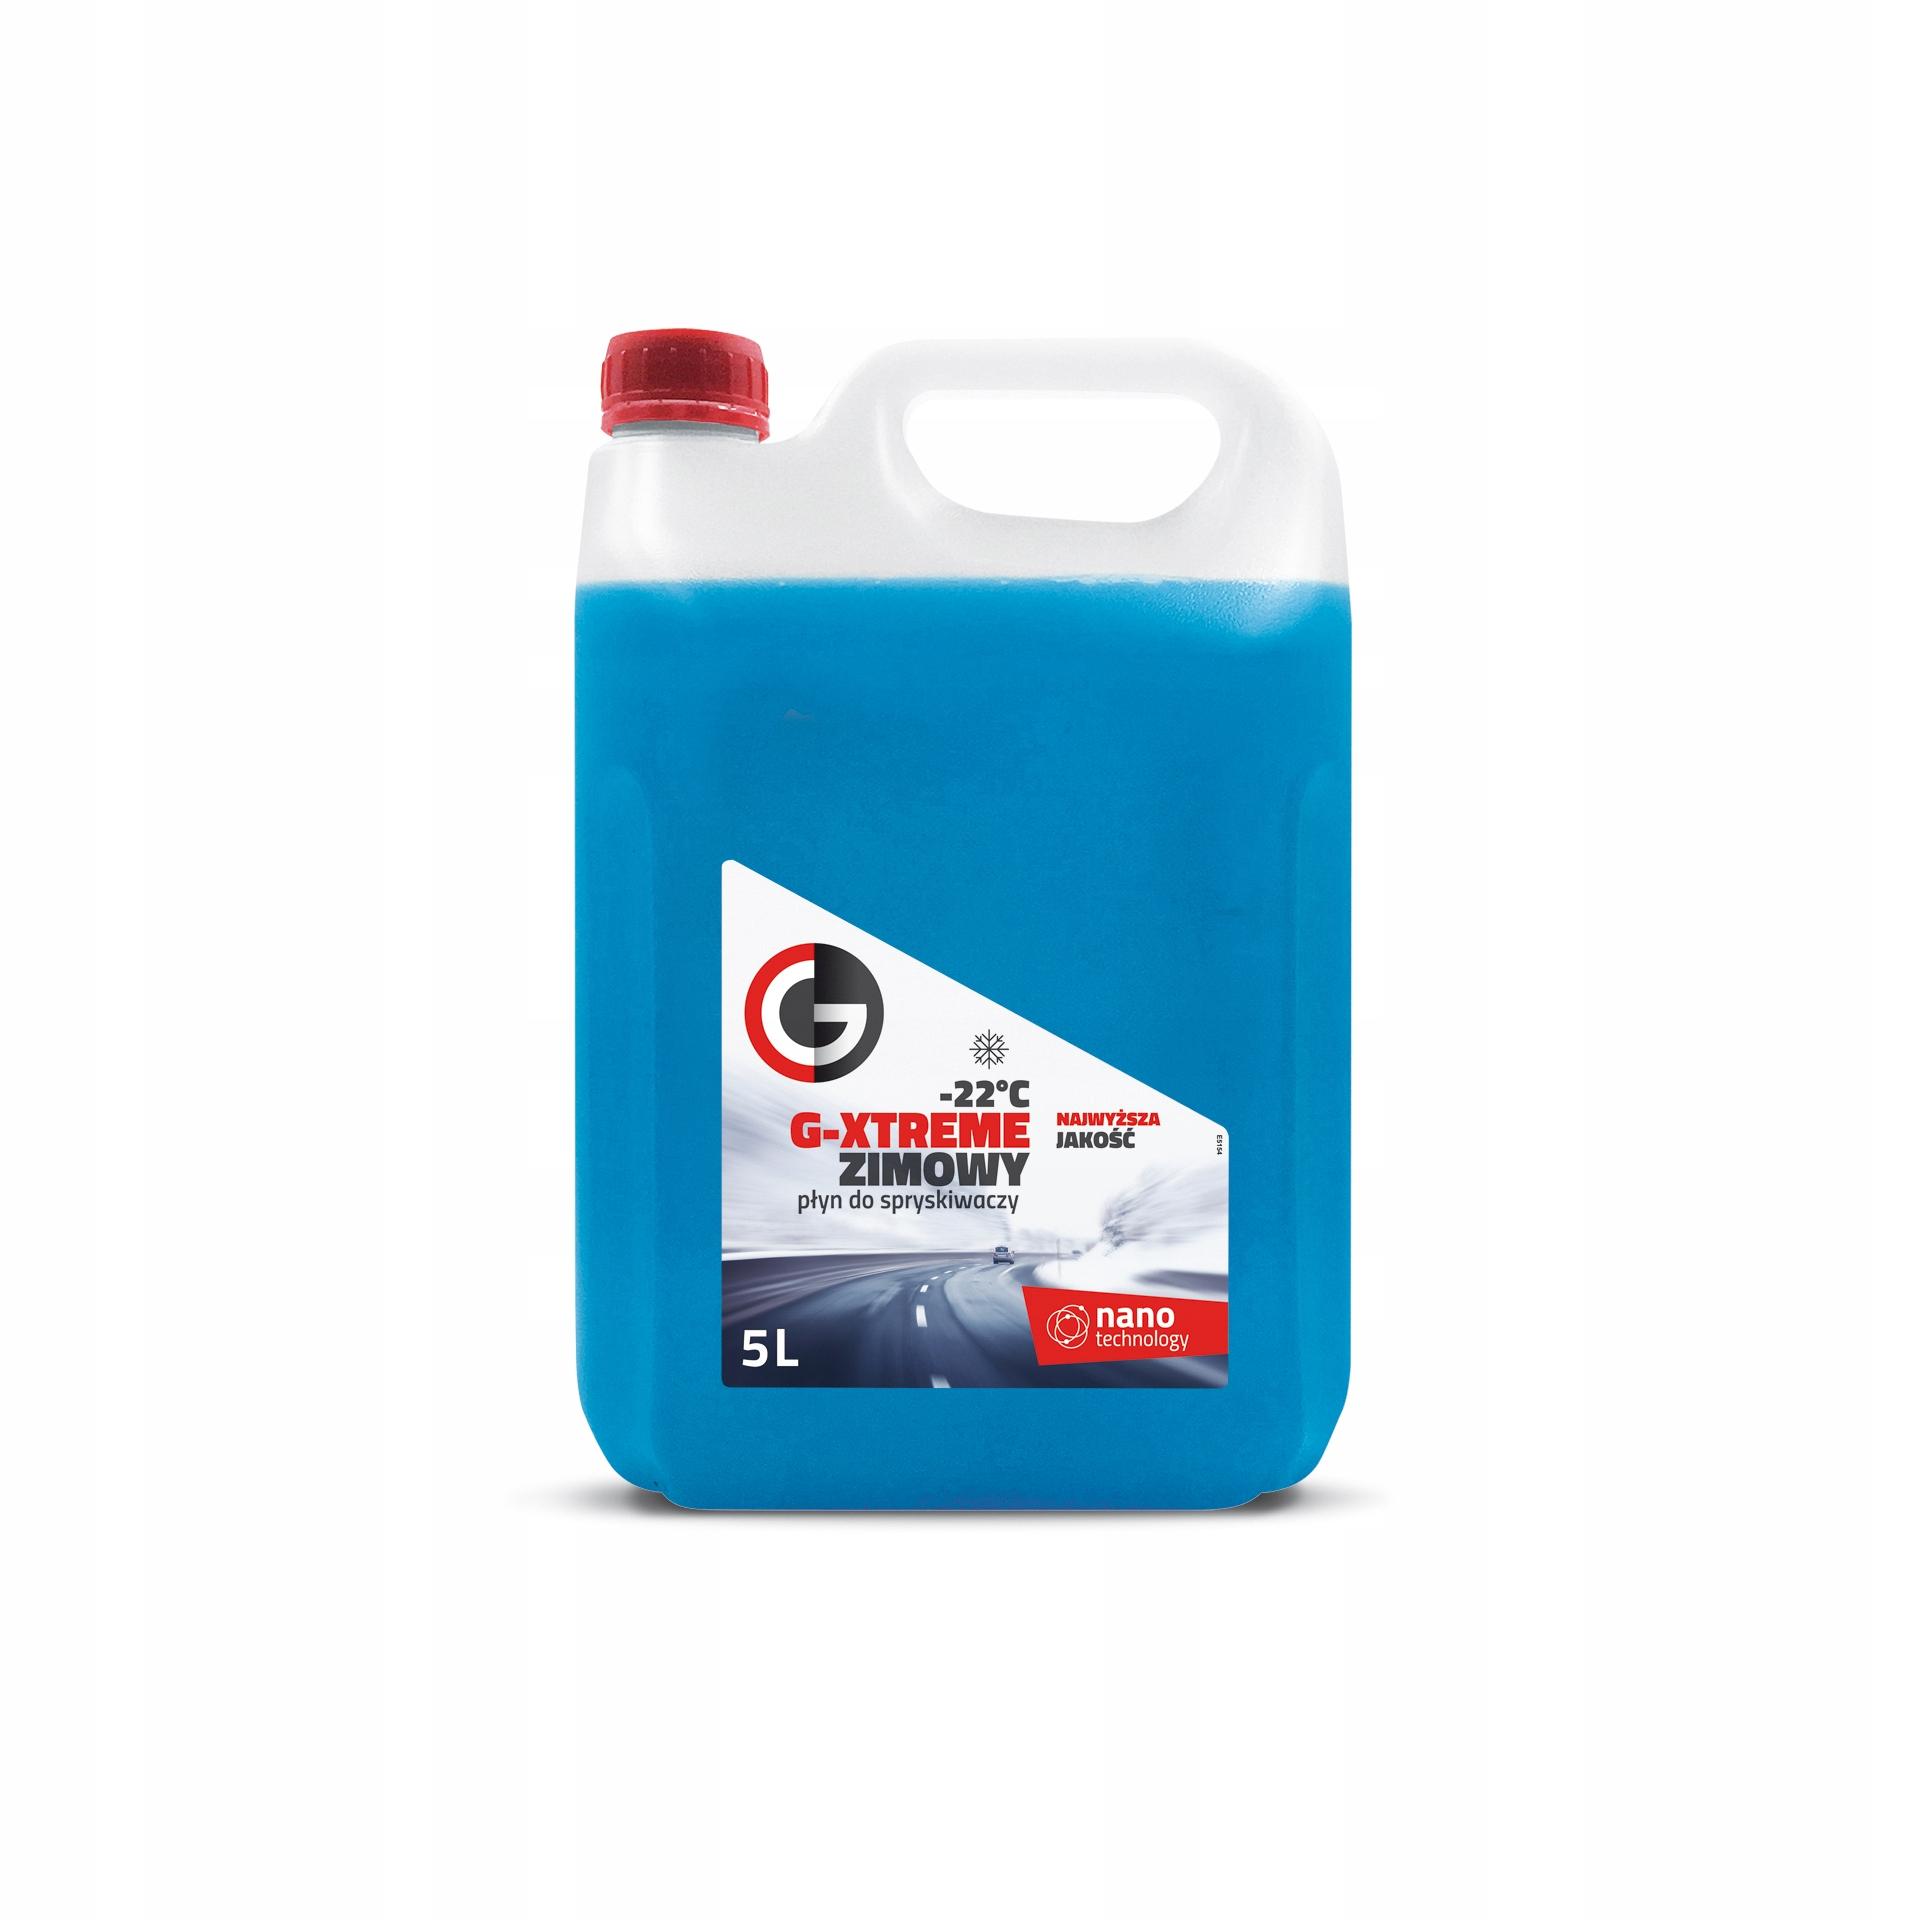 зимняя жидкость для омывателя лобового стекла -22 ° c 4x5л для предприятий